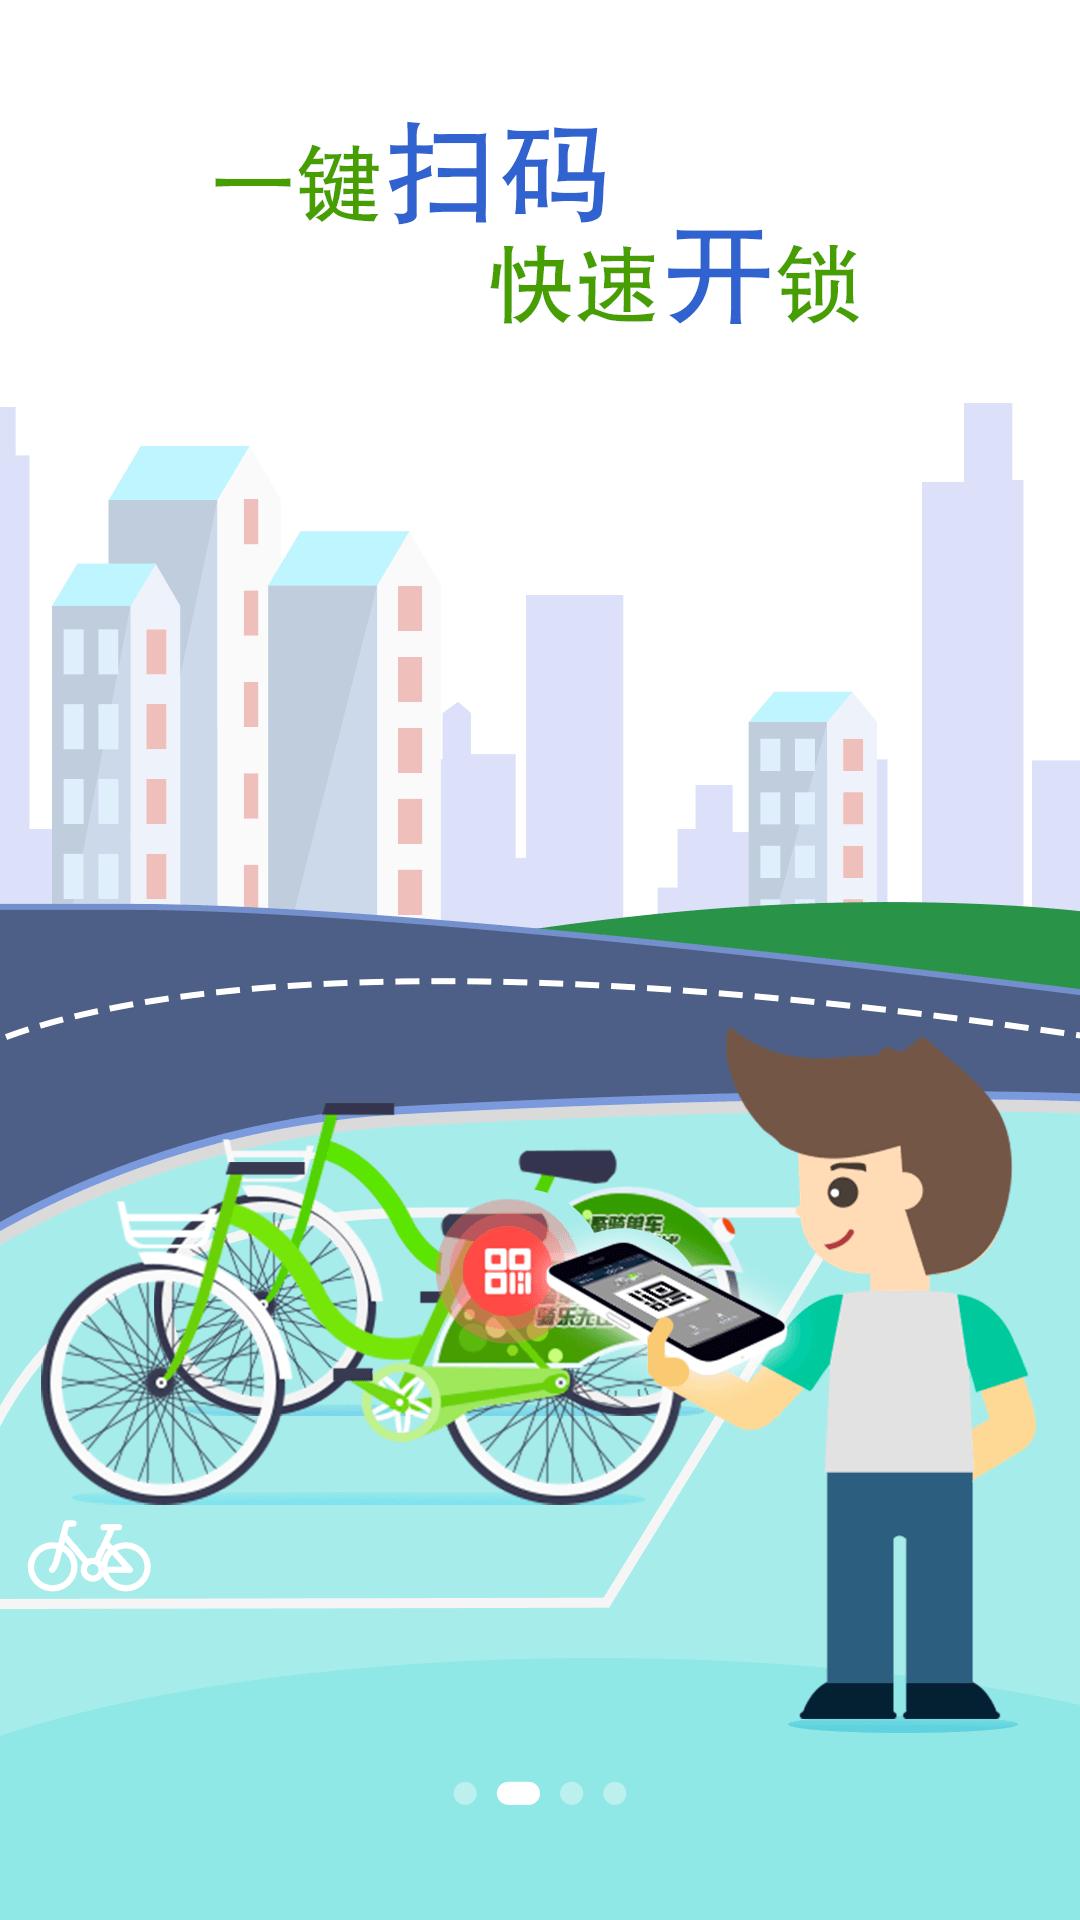 沈阳共享单车的客服电话是多少?沈阳共享单车的客服电话[图]